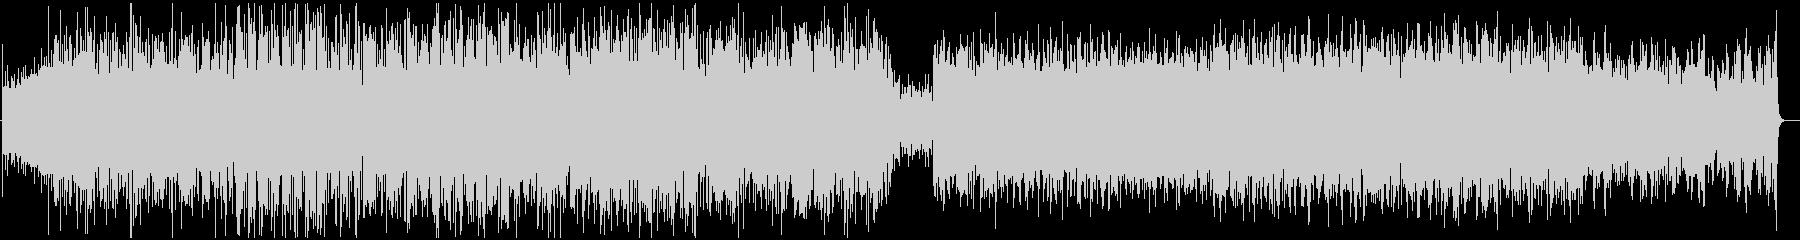 アイリッシュ・ケルト・民族音楽の未再生の波形